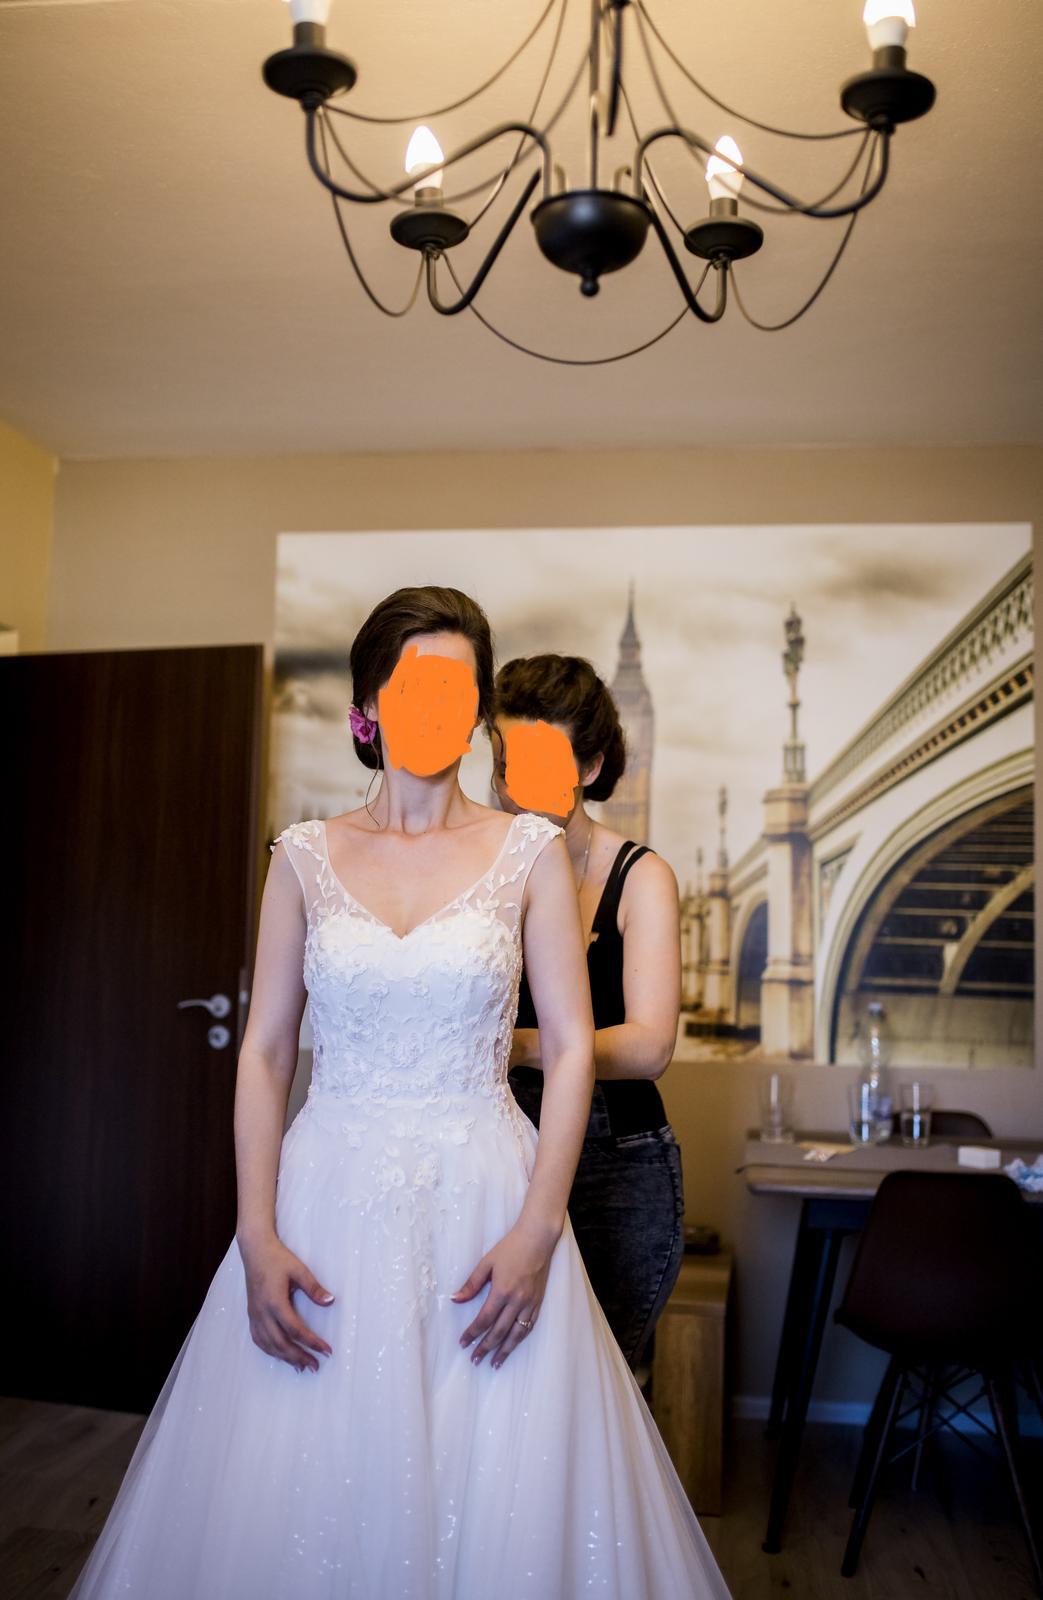 Svadobné šaty veľ. 36 - Obrázok č. 4